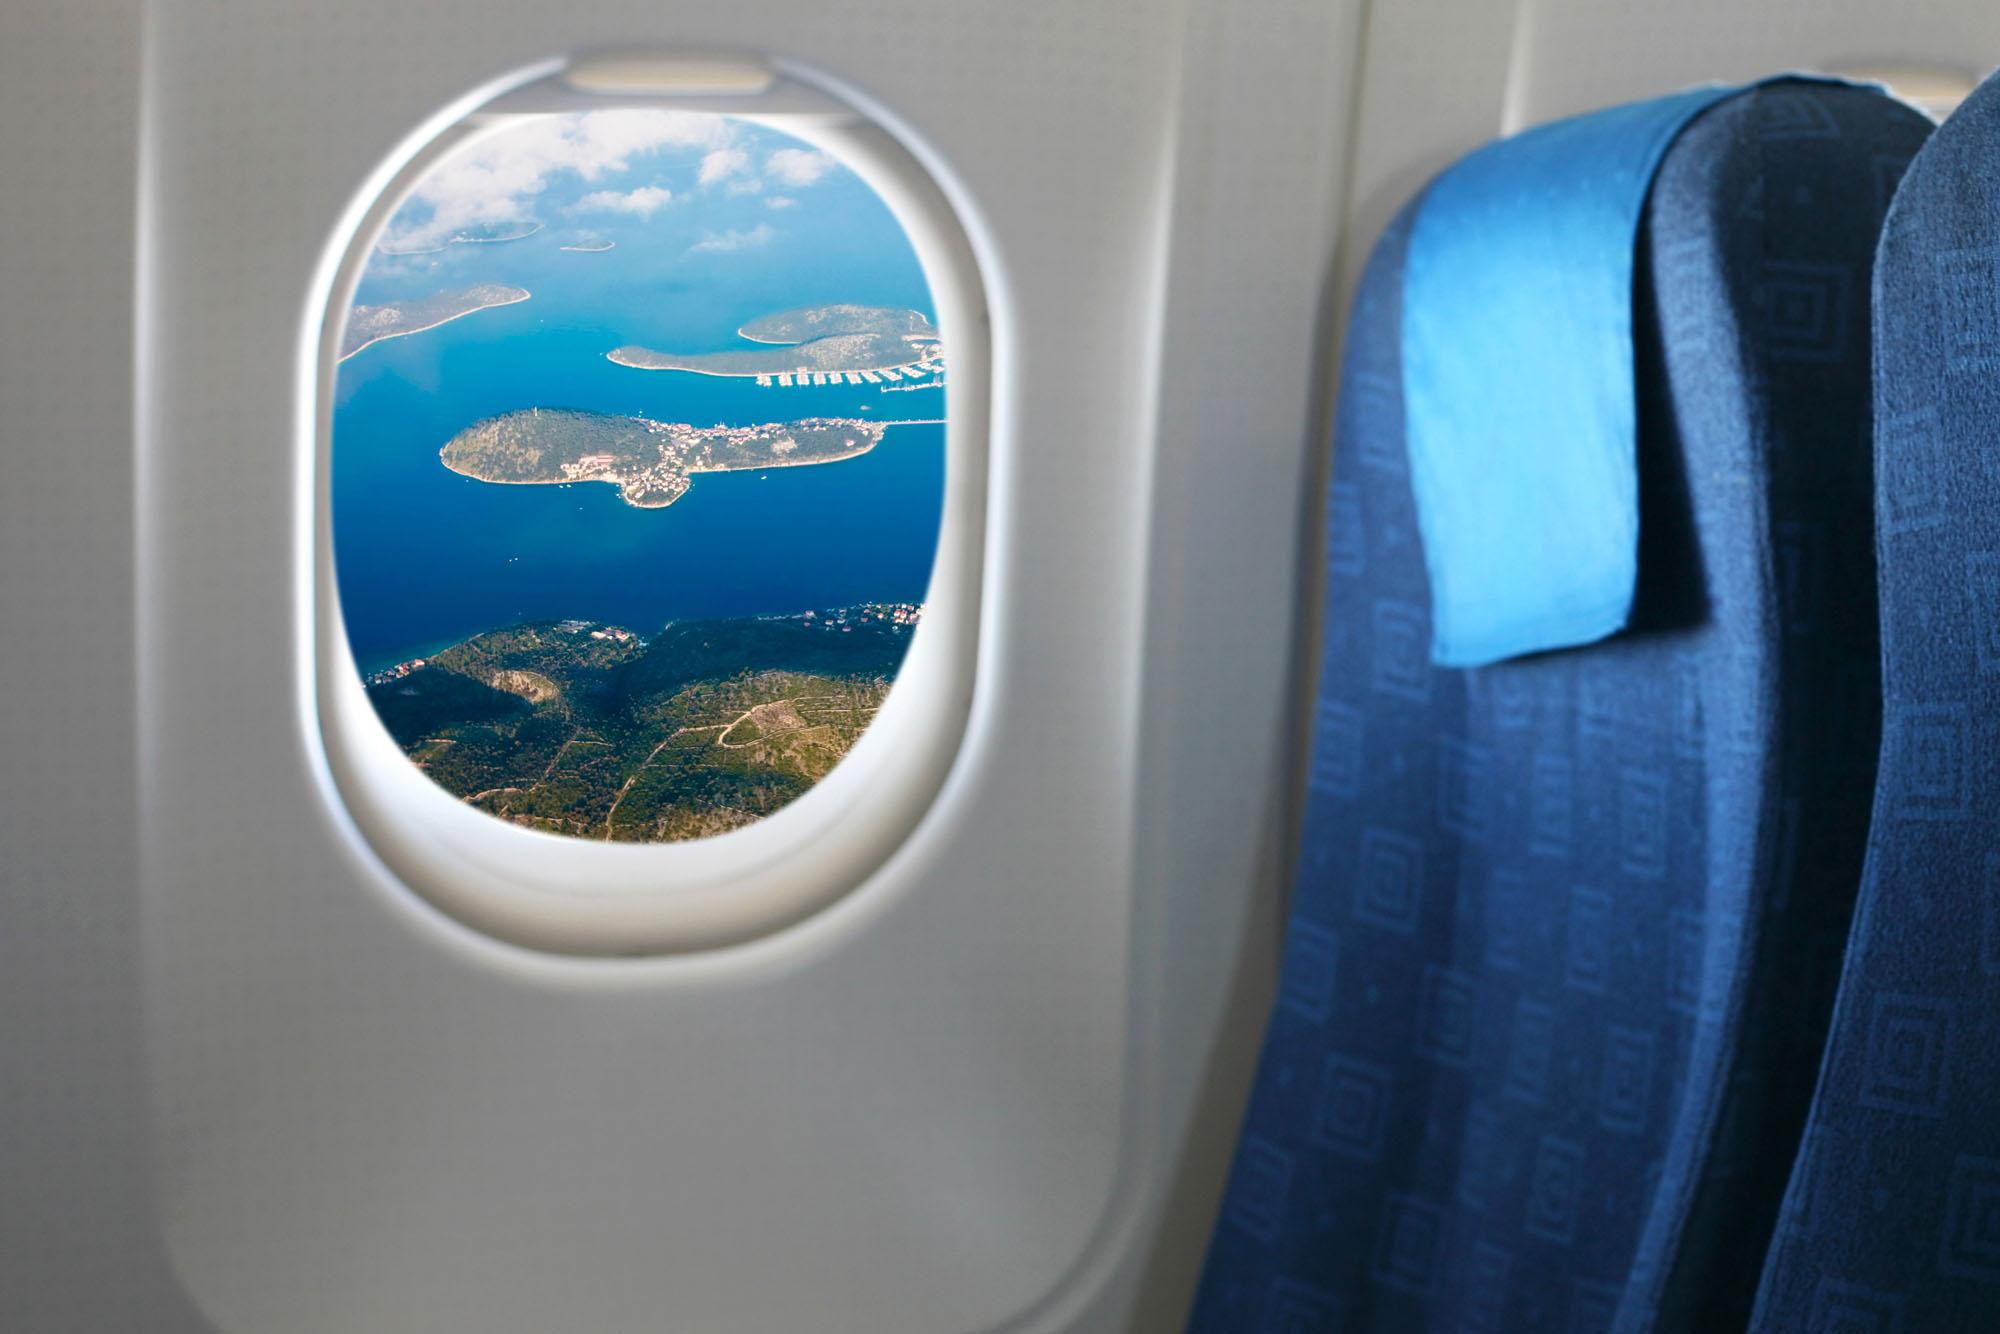 Những vị trí ngồi an toàn trên các phương tiện du lịch